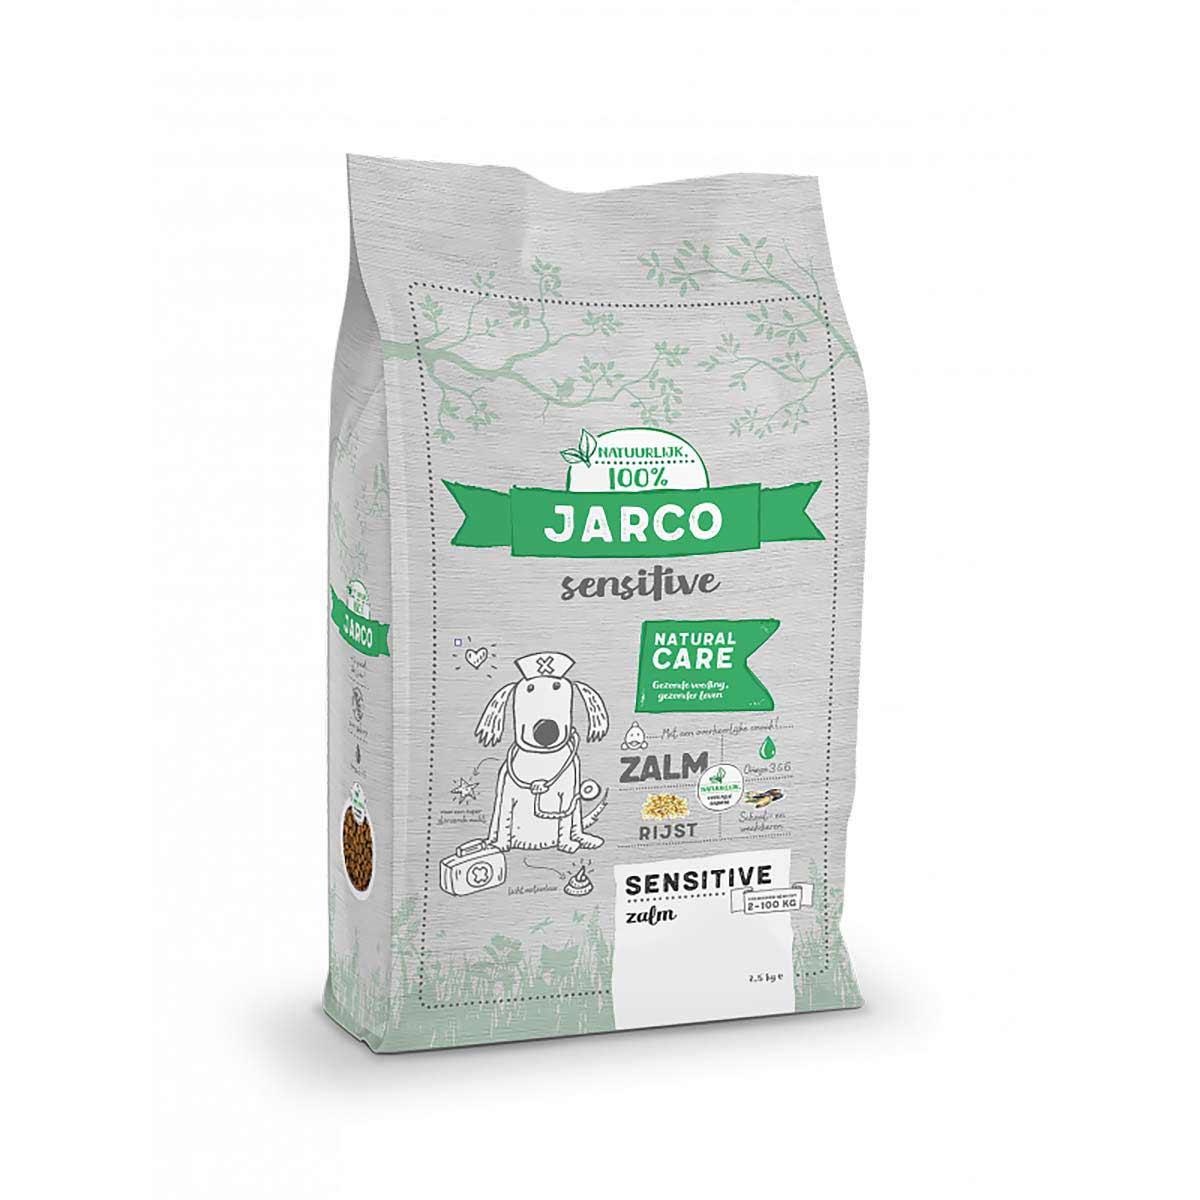 Jarco Sensitive Zalm